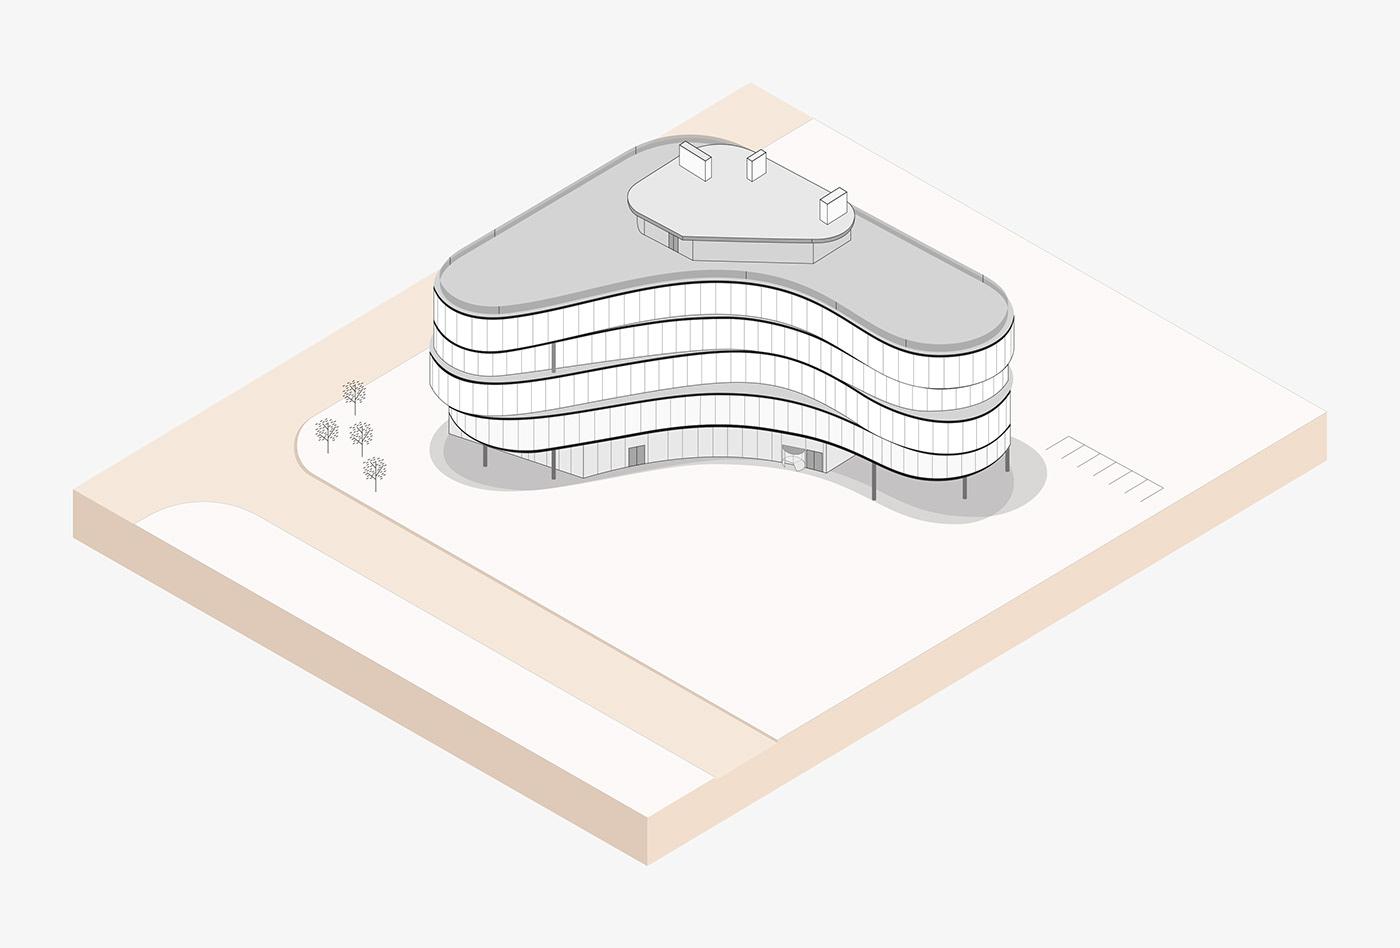 архитектура Архитектурный проект